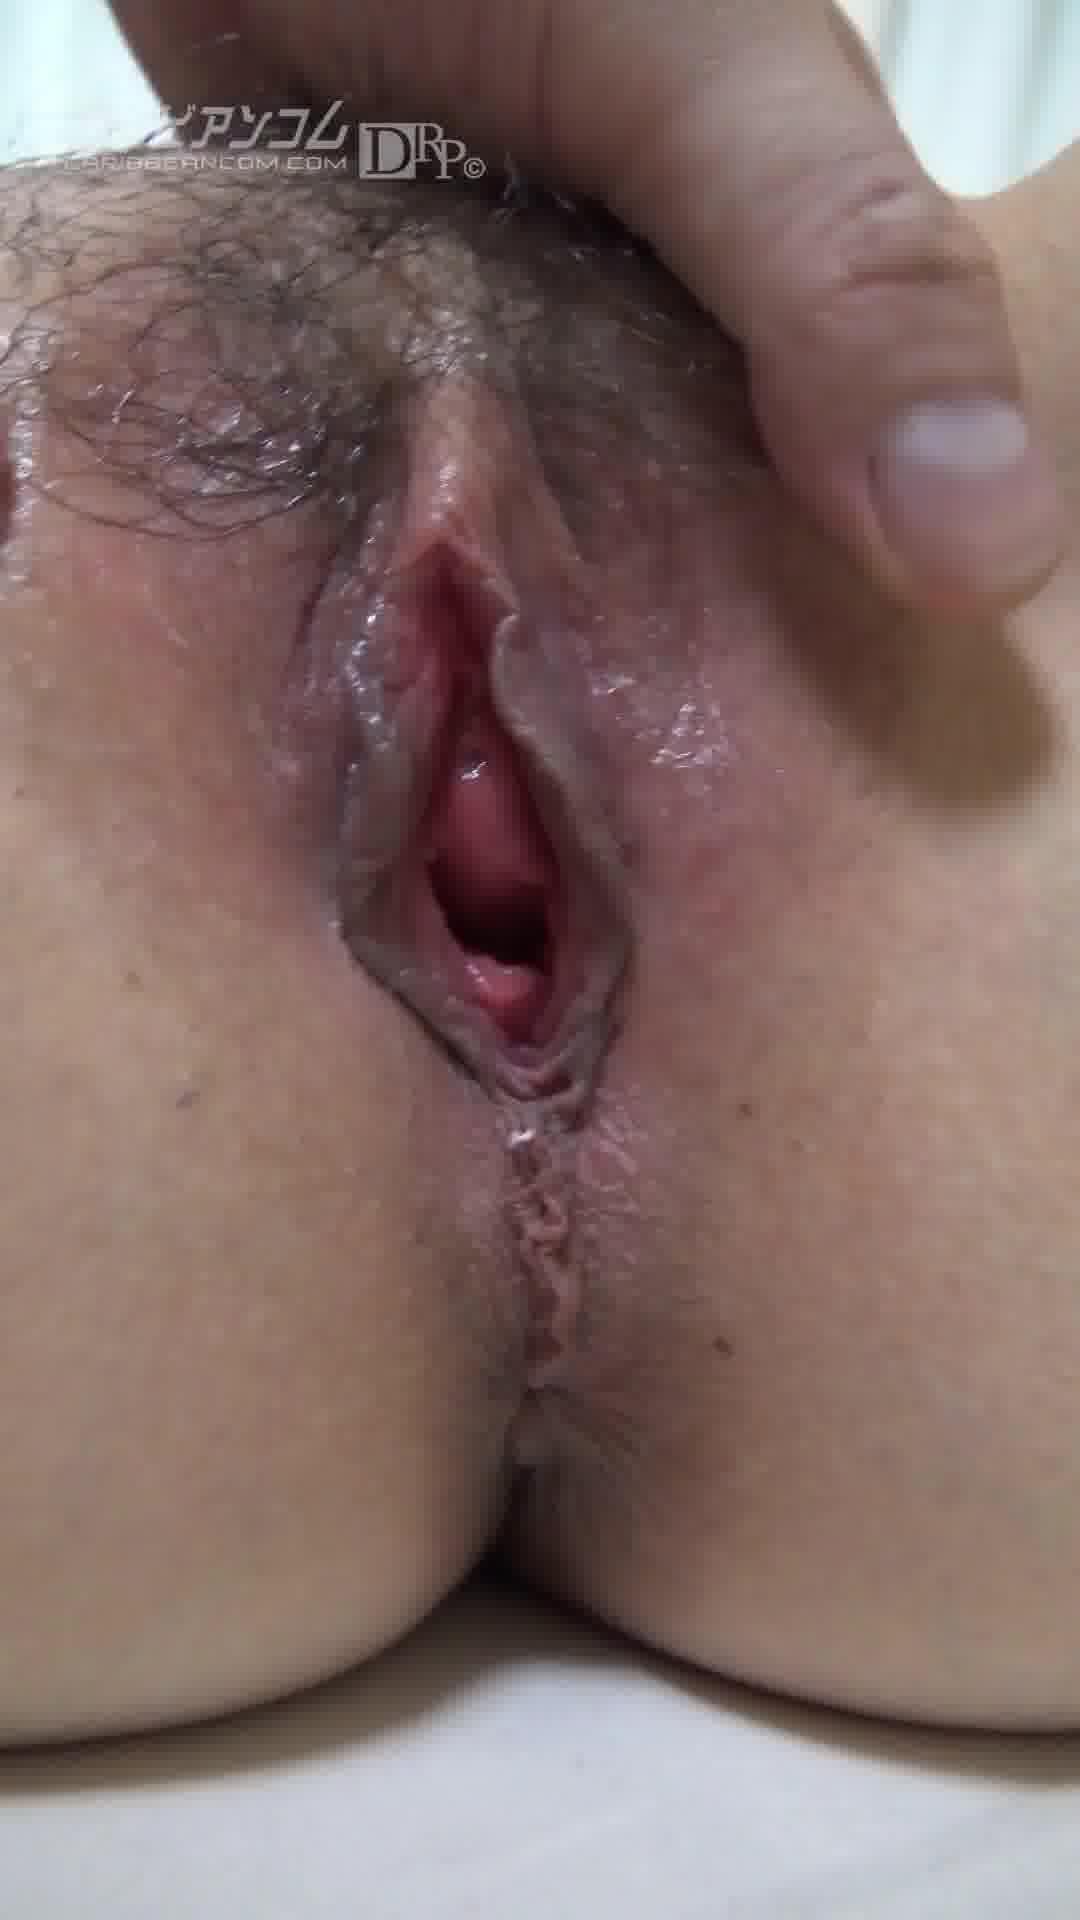 縦型動画 019 ~経験を積み重ねて磨かれた大人の女性とハメ撮り~ - 上条藍【美乳・美尻・中出し】